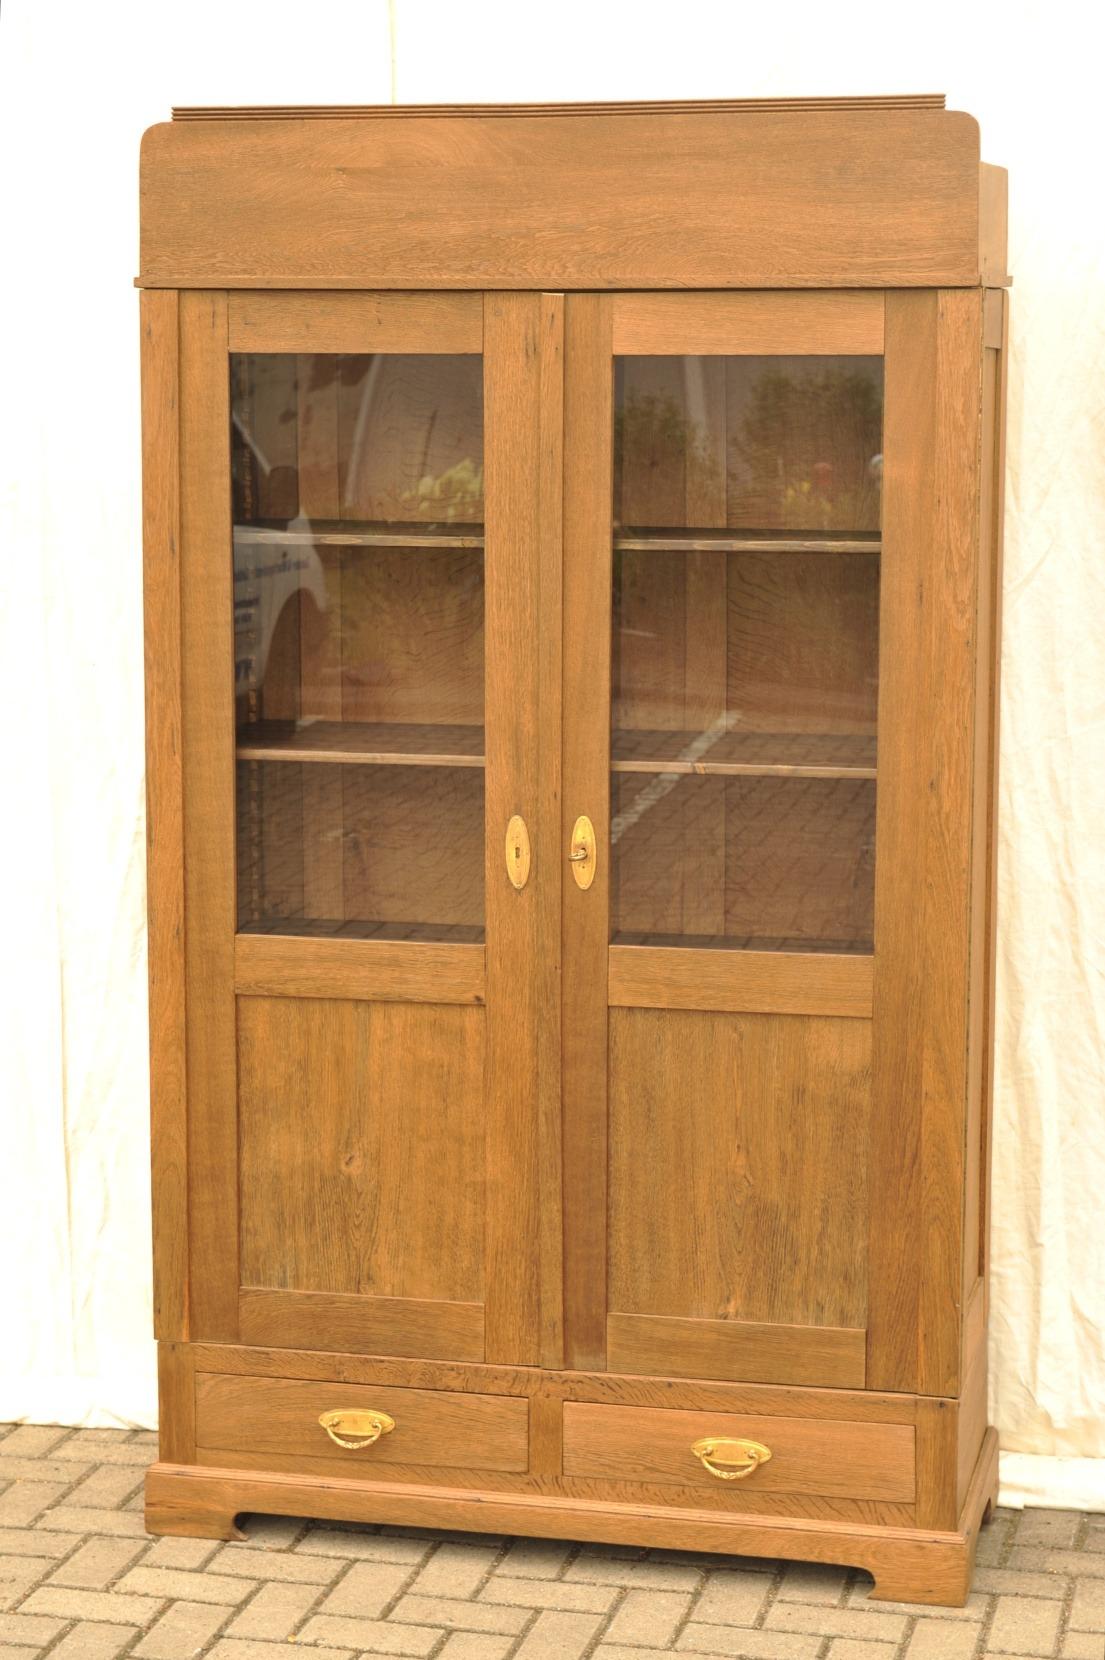 Gro z gig alte vitrinenschr nke zeitgen ssisch die - Alte vitrinenschra nke ...